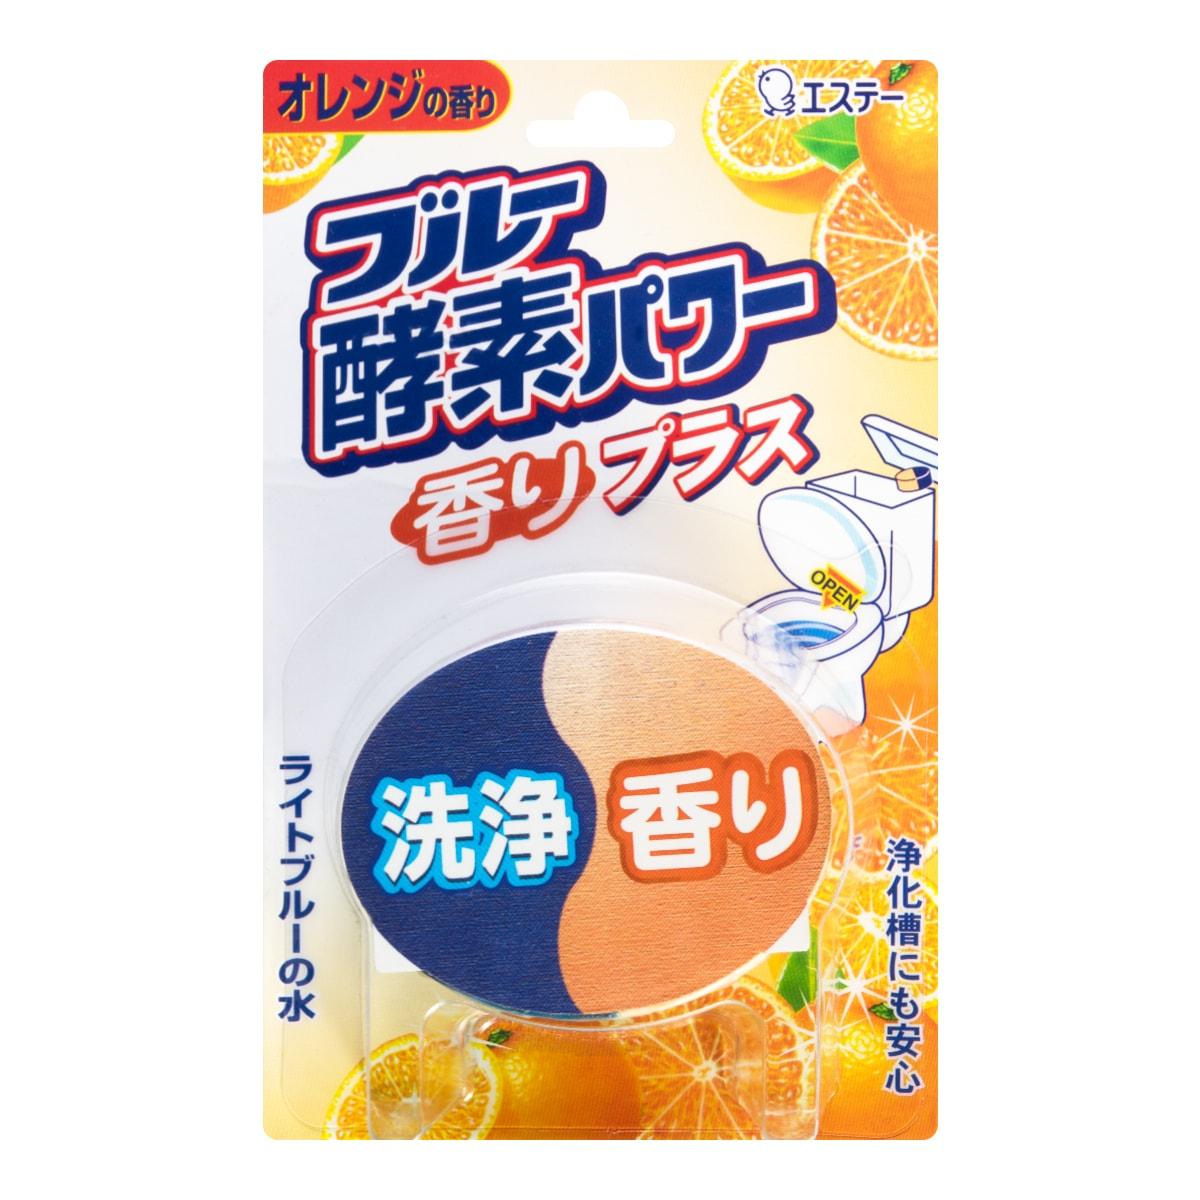 日本ST鸡仔牌 酵素消臭芳香洁厕剂 120g #香甜橙子